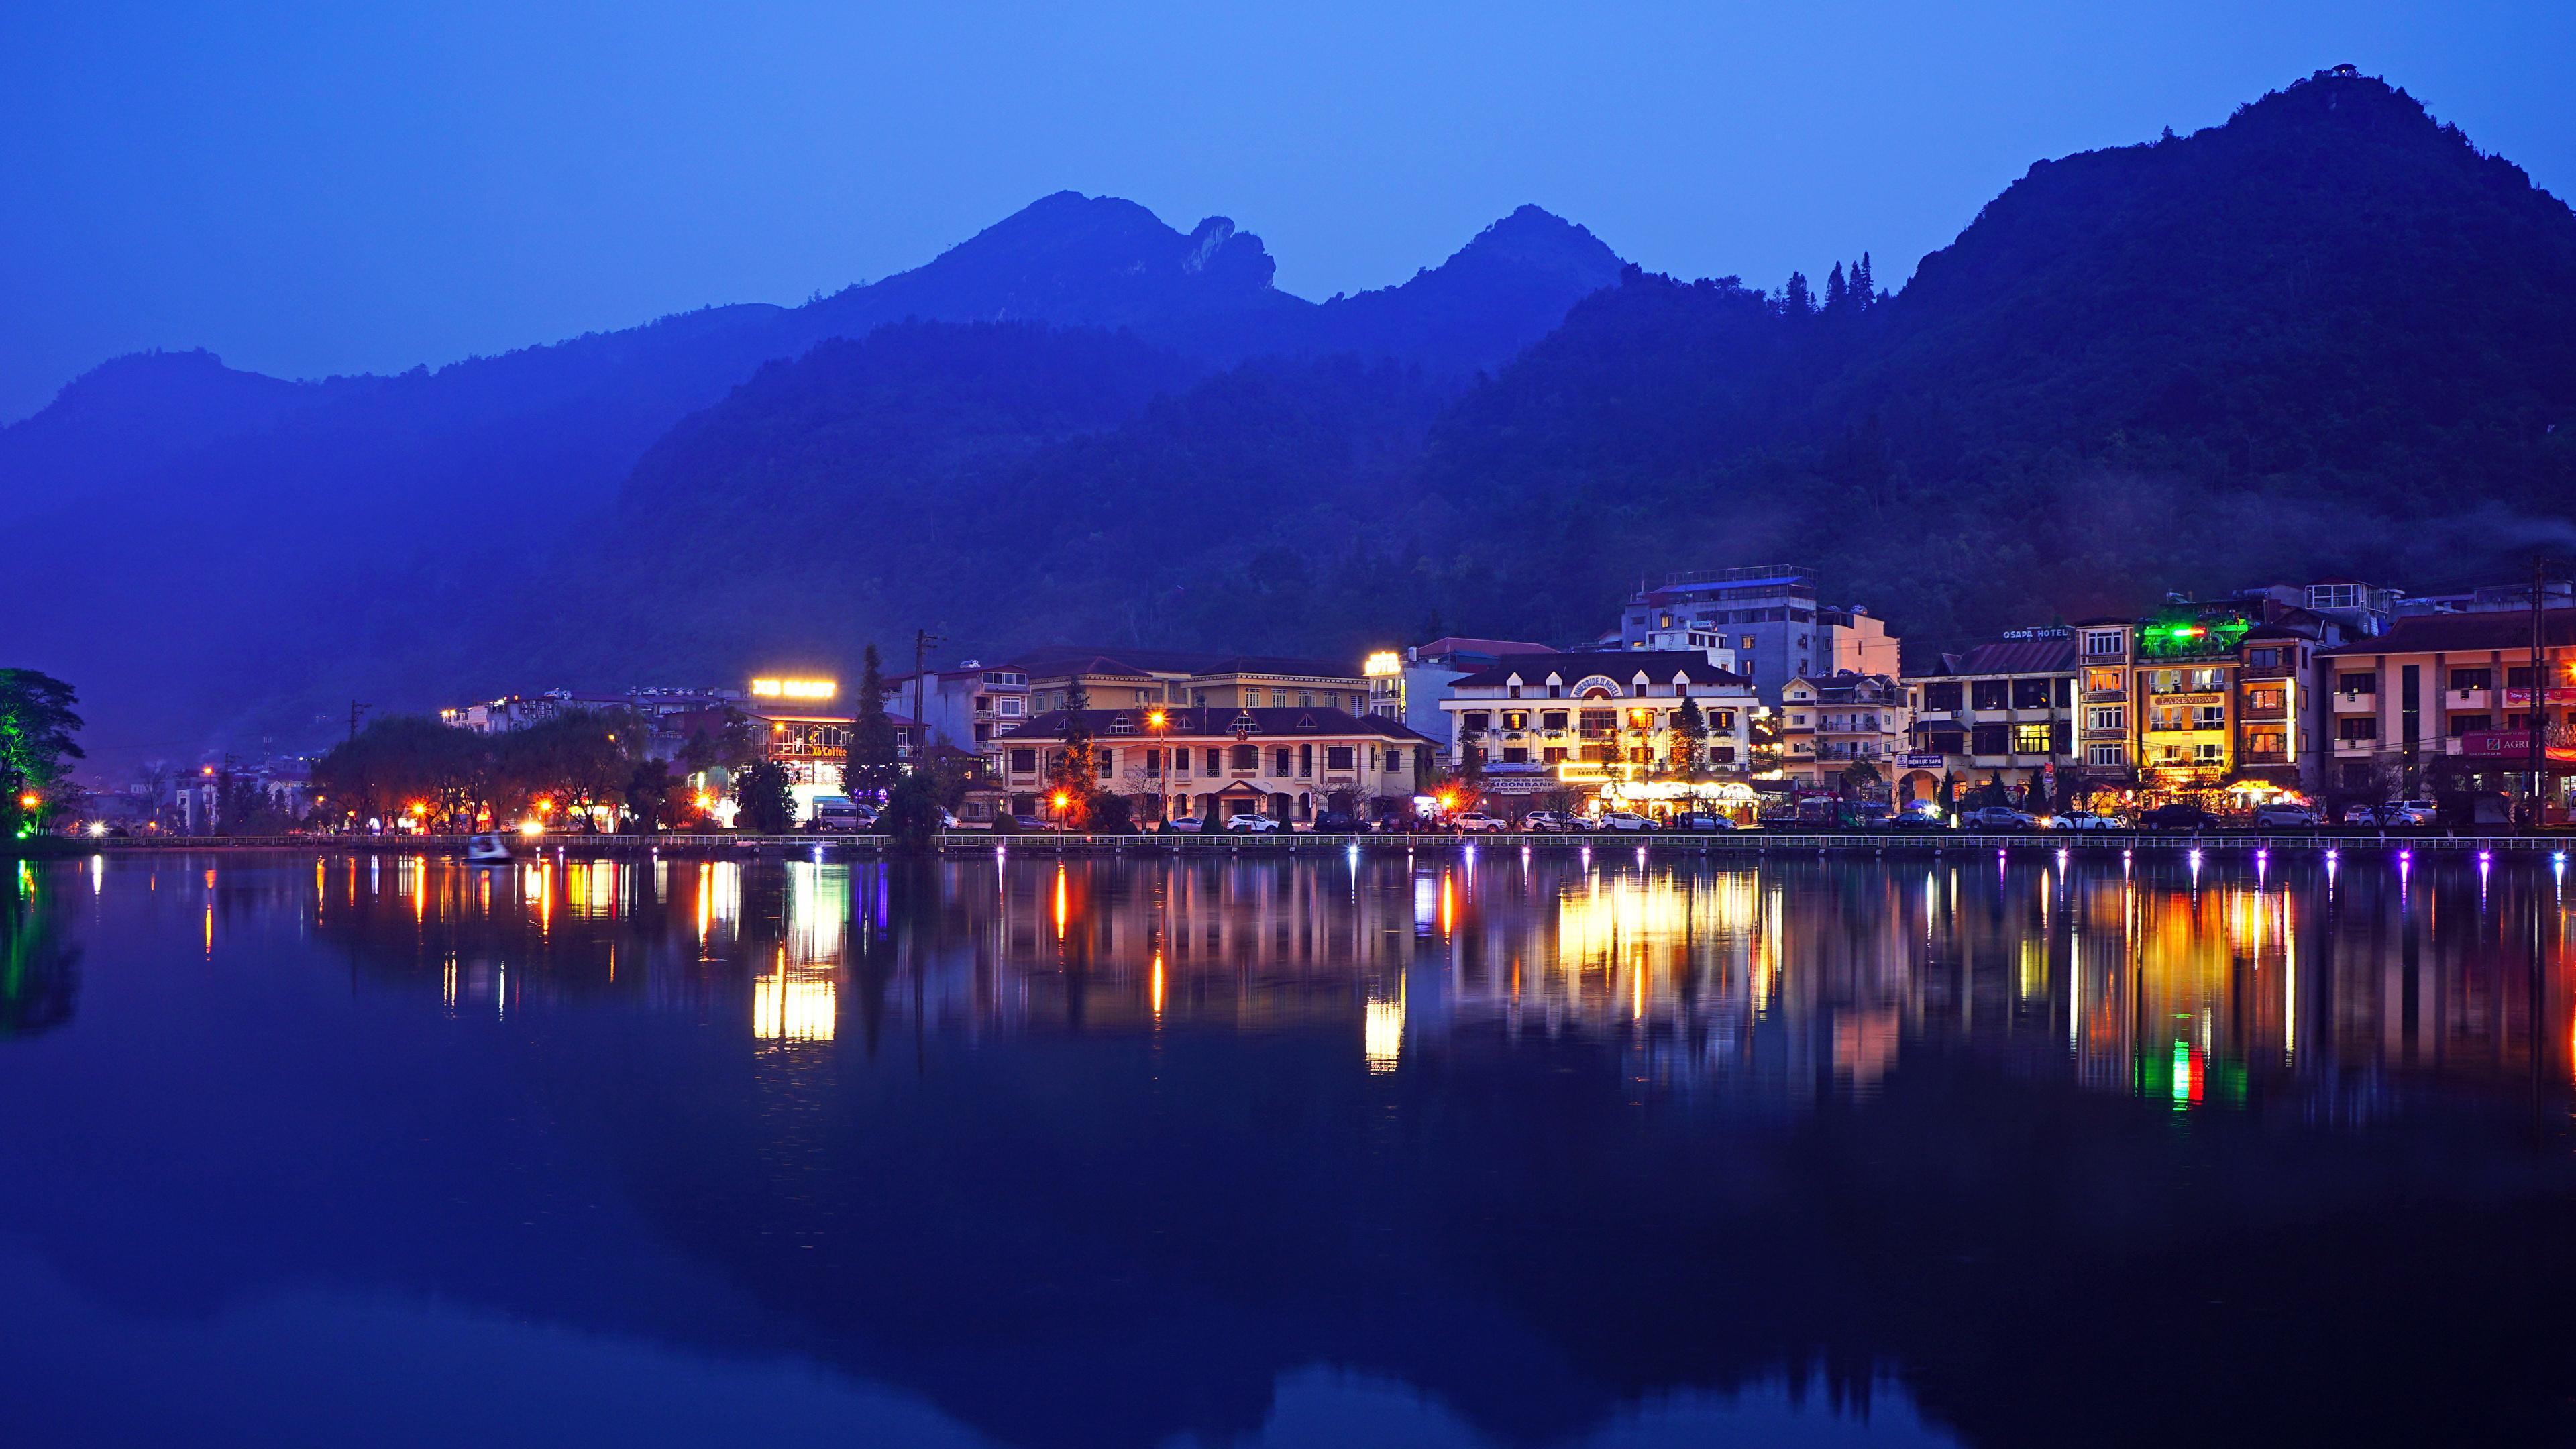 Картинки Вьетнам Sa Pa District Lao Cai Вечер речка Города Здания 3840x2160 река Реки Дома город